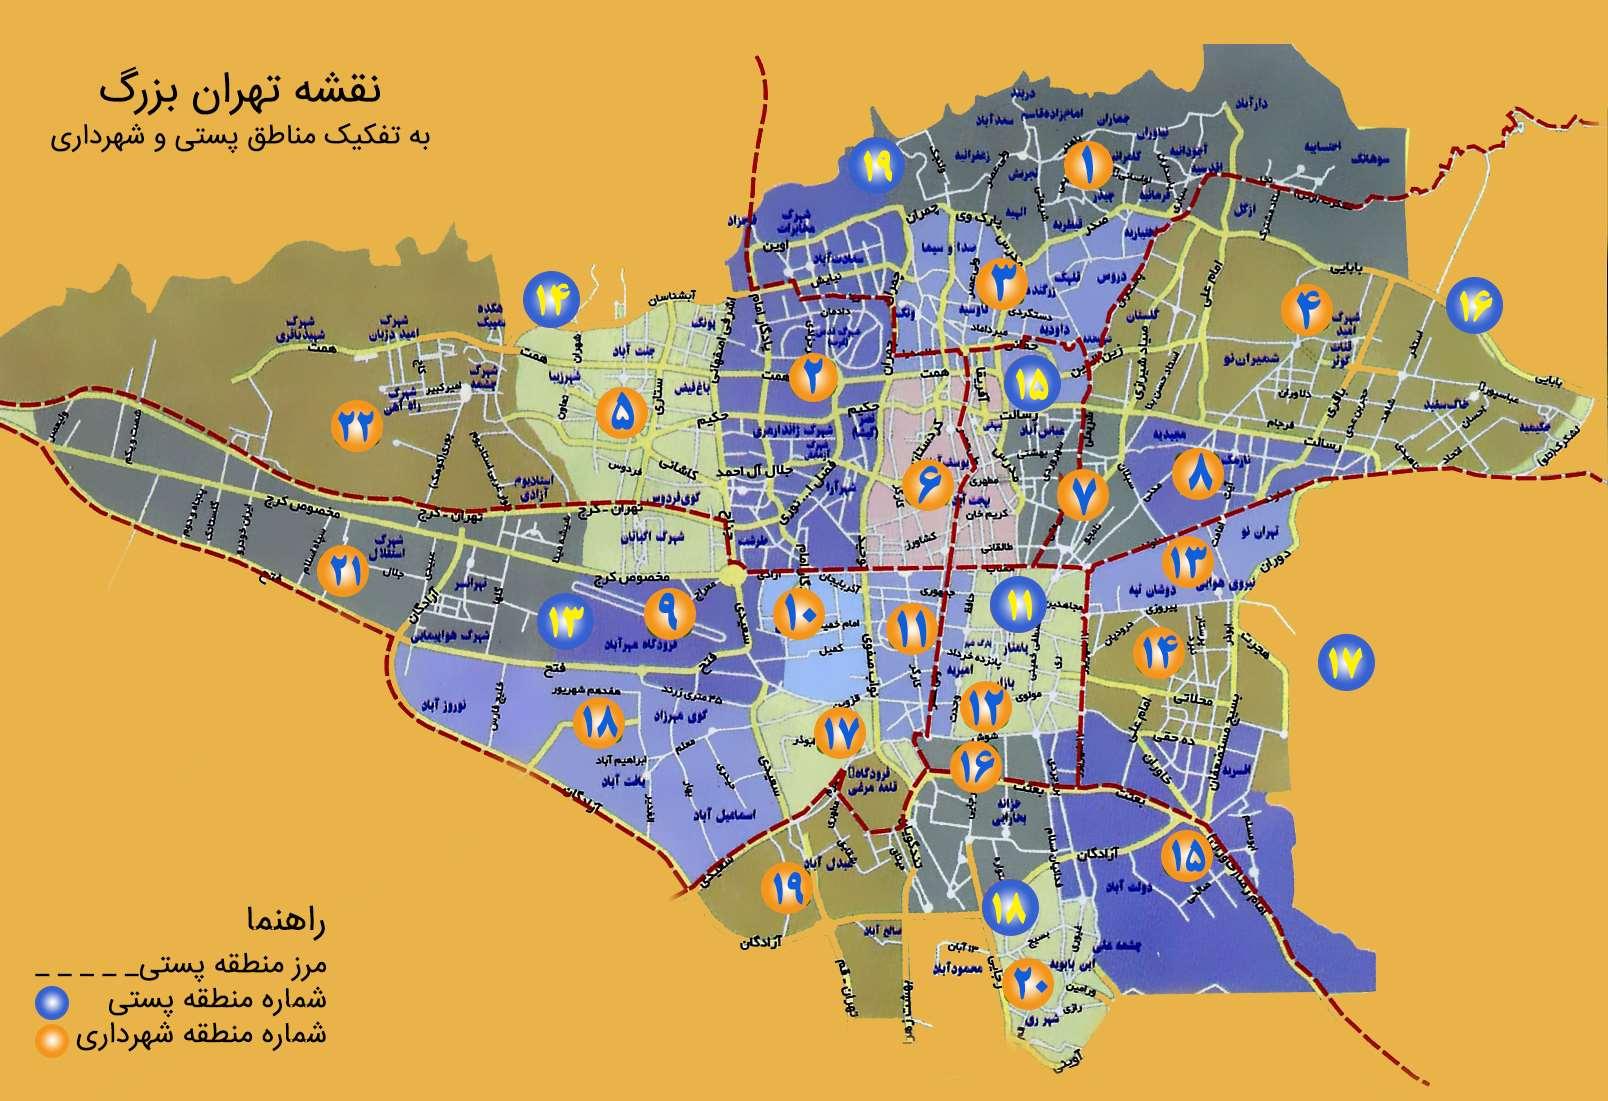 نقشه پستی تهران